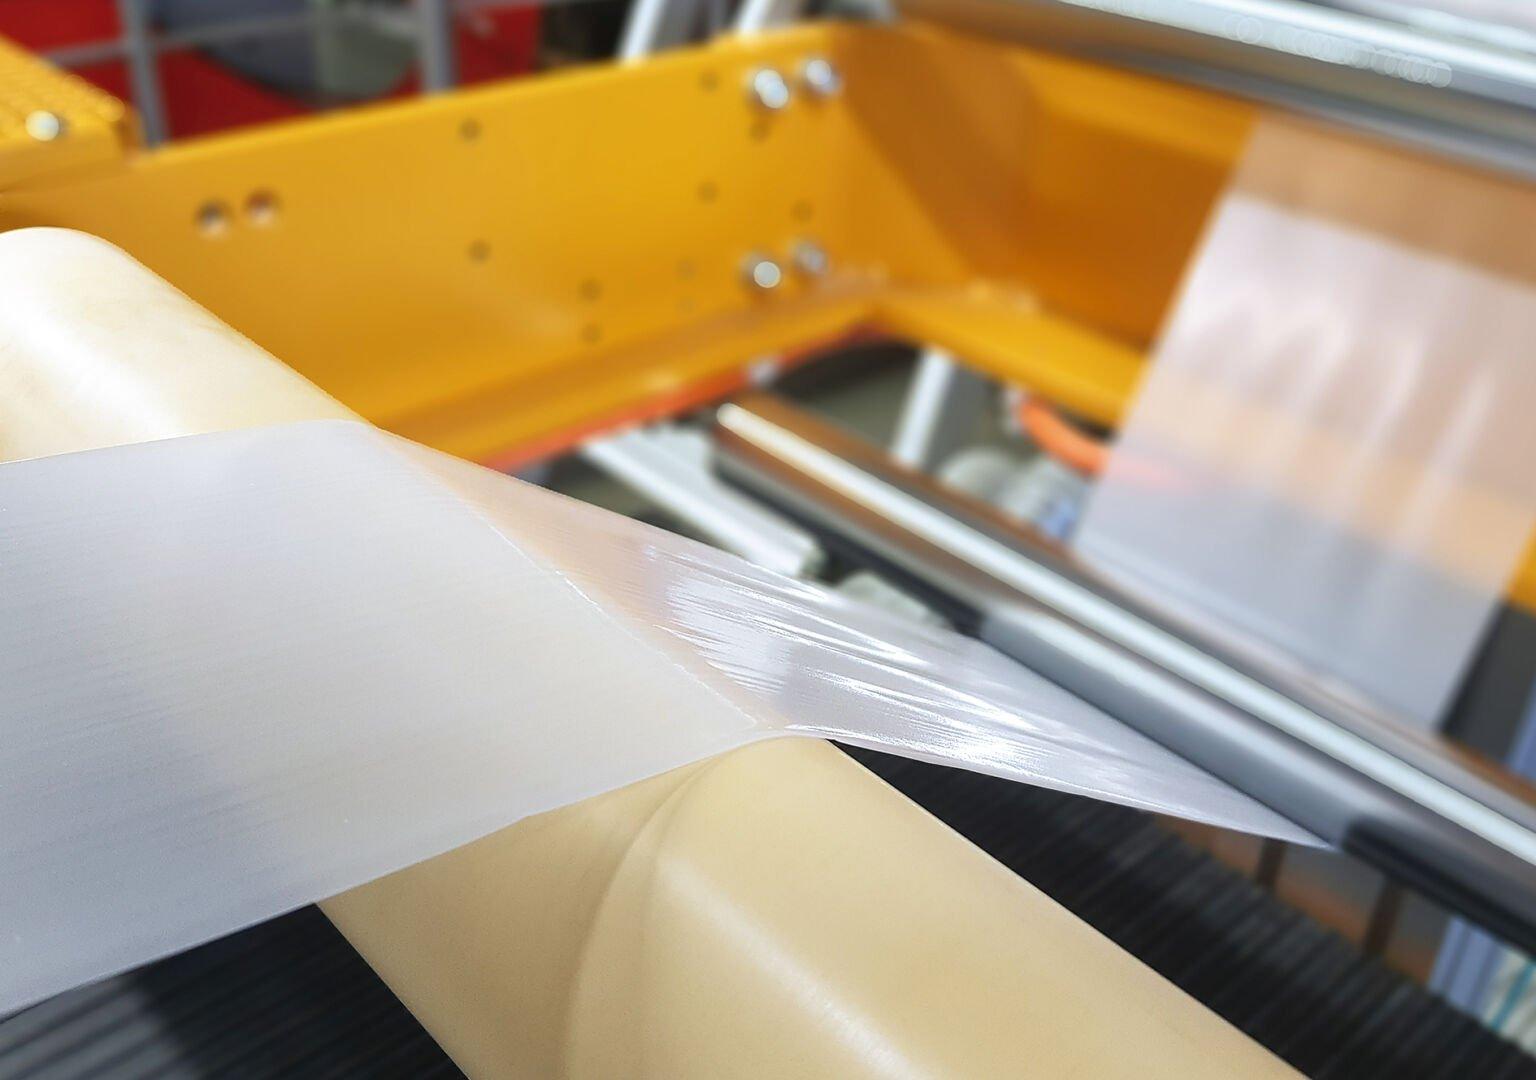 Herstellung einer biofunktionalisierten Folie im Verarbeitungstechnikum. © Fraunhofer IAP